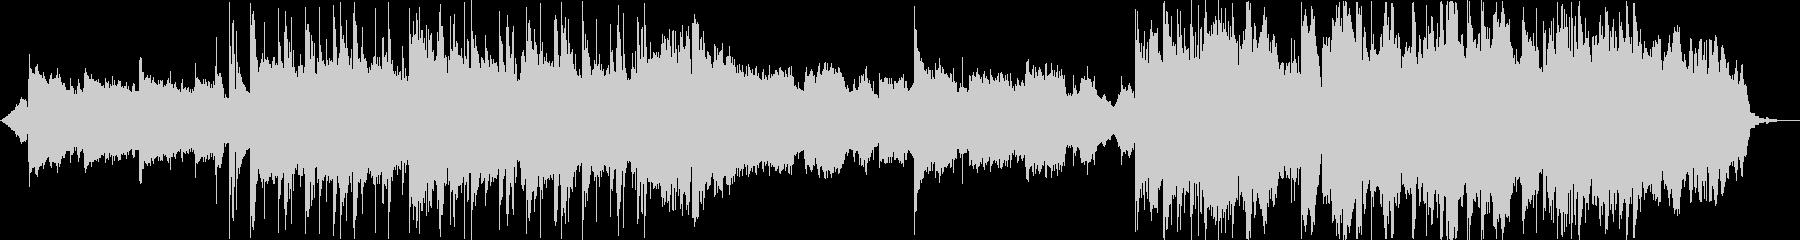 キラキラなBGMの未再生の波形